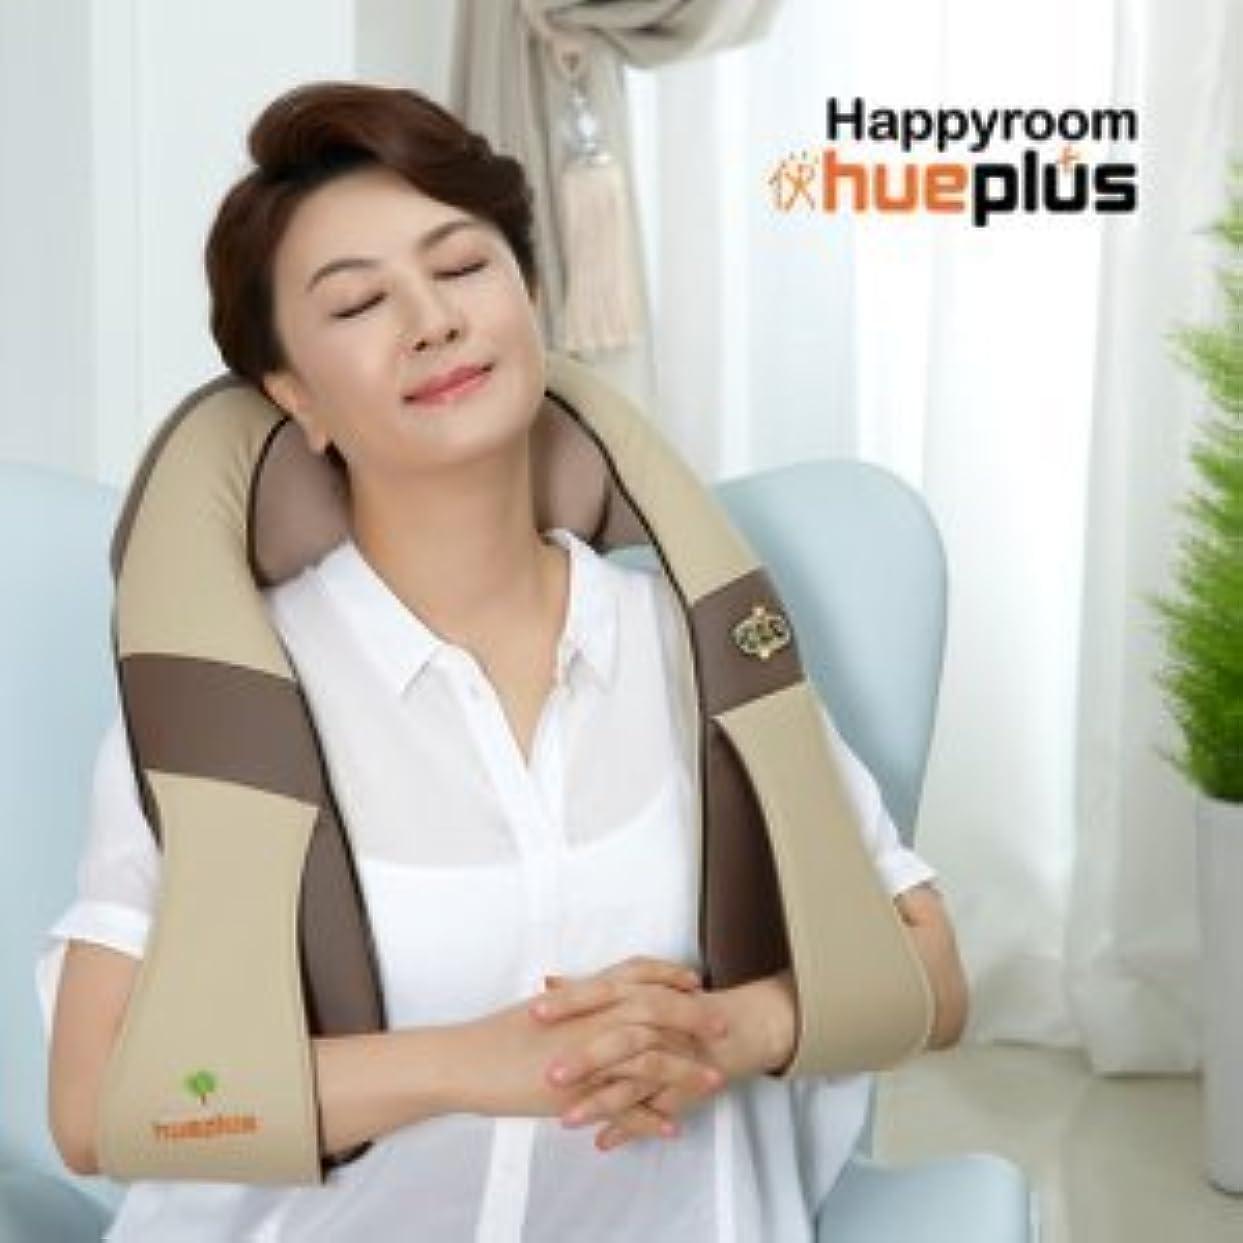 サミュエルオーナメント暗黙Happyroom Hueplus Shiatsu Neck Shoulder Massager HPM-200 with Heat for Car Home Office 2014 New model Speed Control (Brown) by Hueplus 141[並行輸入]